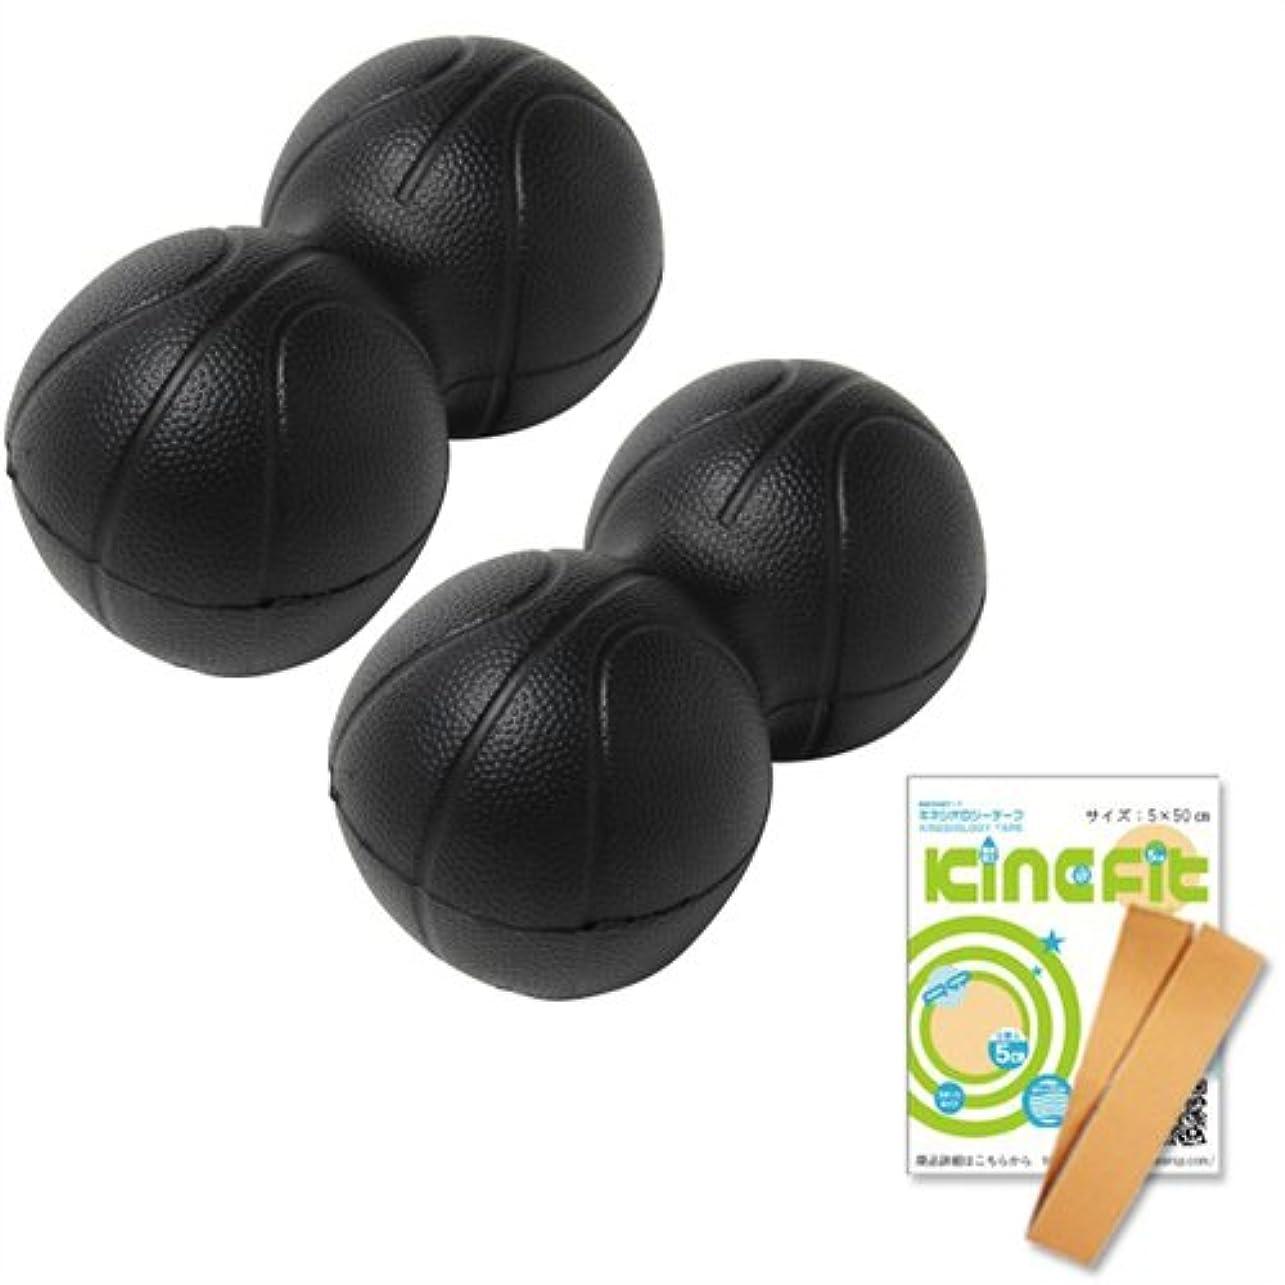 懐疑的仲良しグリーンバックパワーポジションボール ×2個セット + キネシオロジーテープ キネフィットお試し用50cm セット